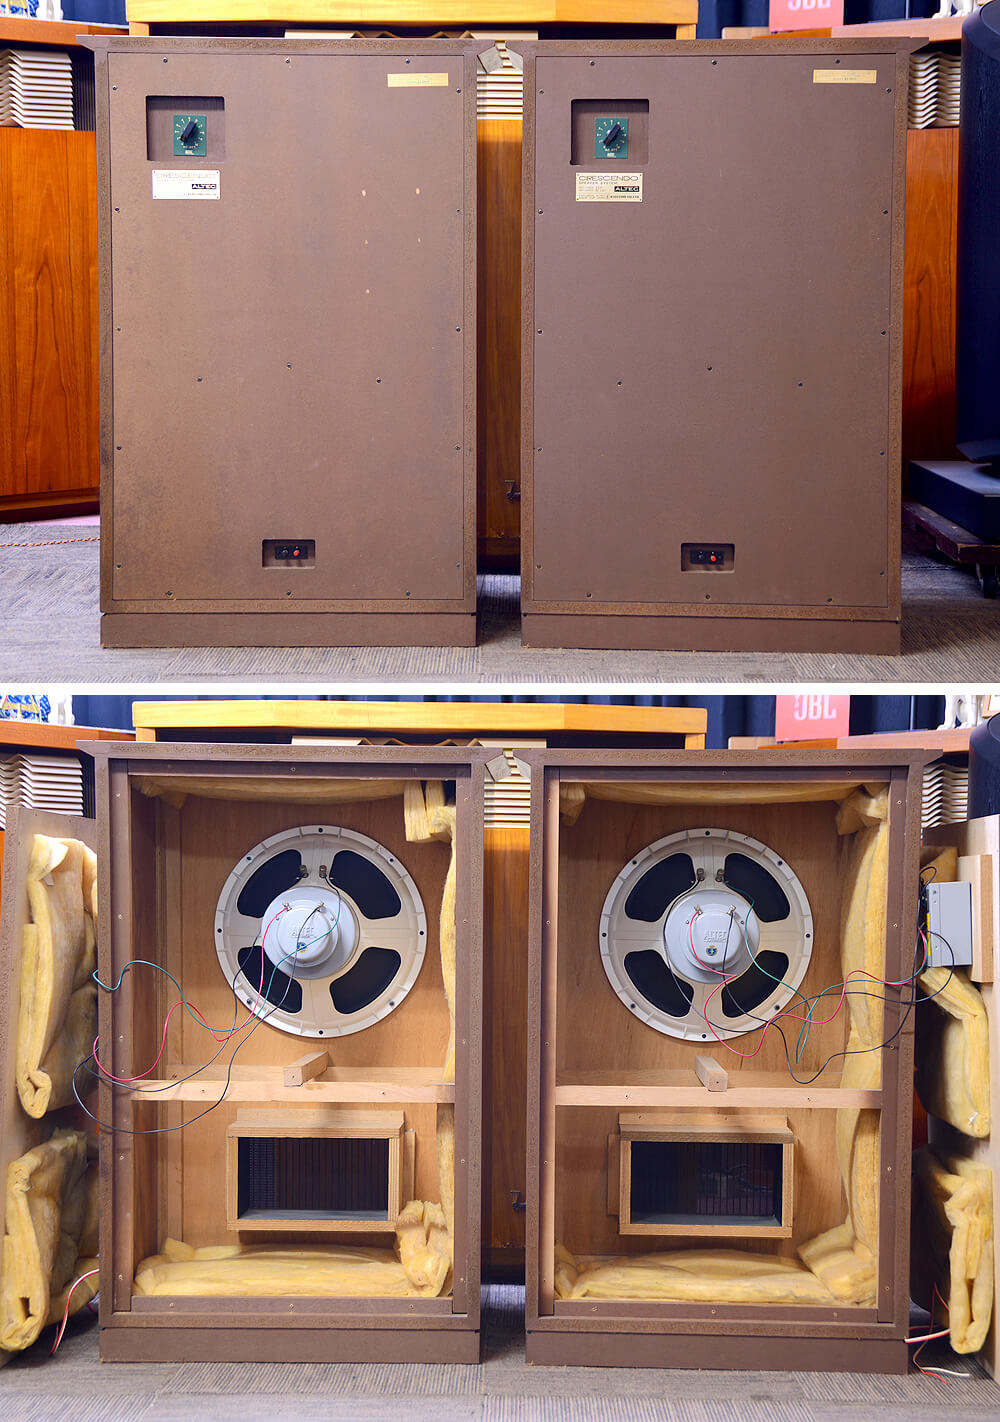 ALTEC Crescendo 38cm同軸型スピーカー4枚目